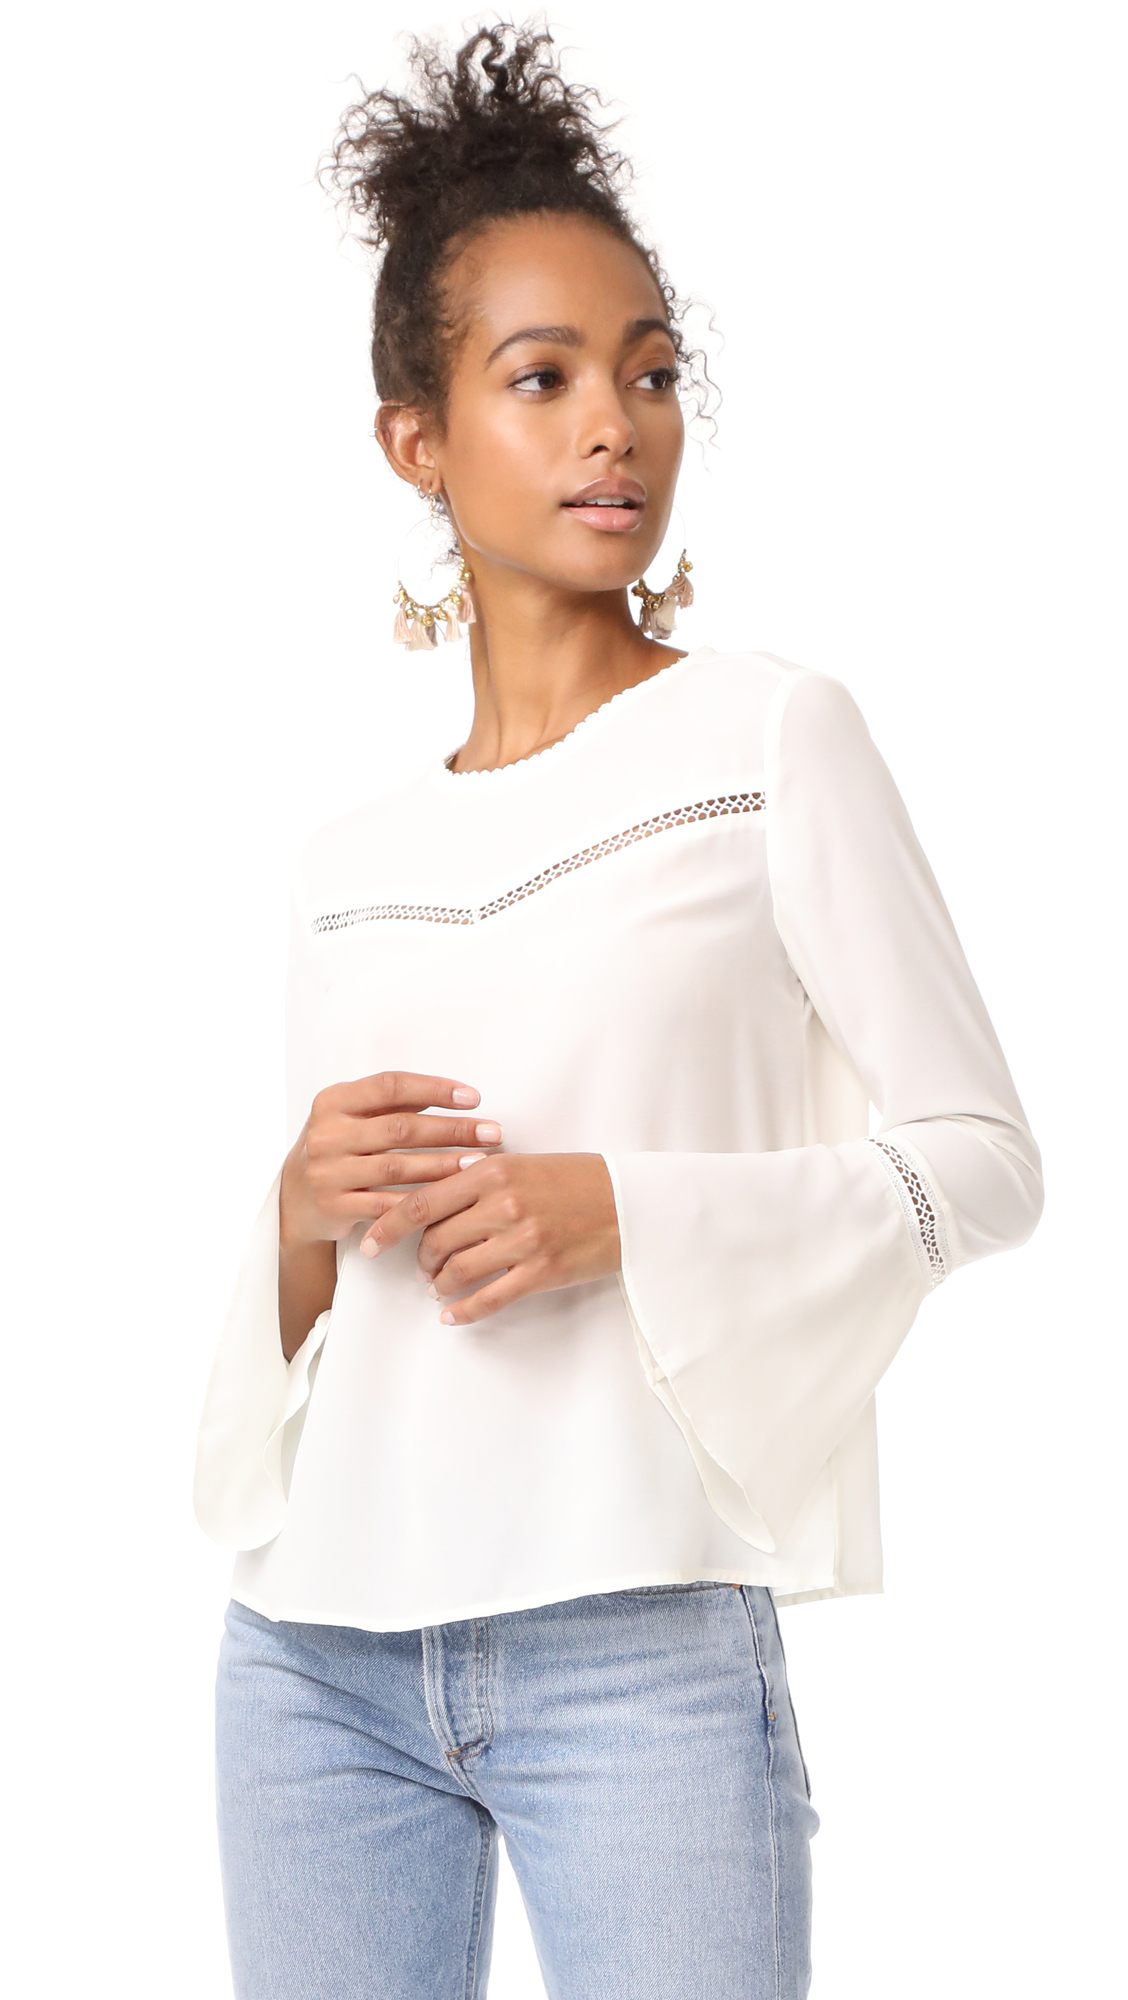 Rebecca Minkoff Chava Top - White